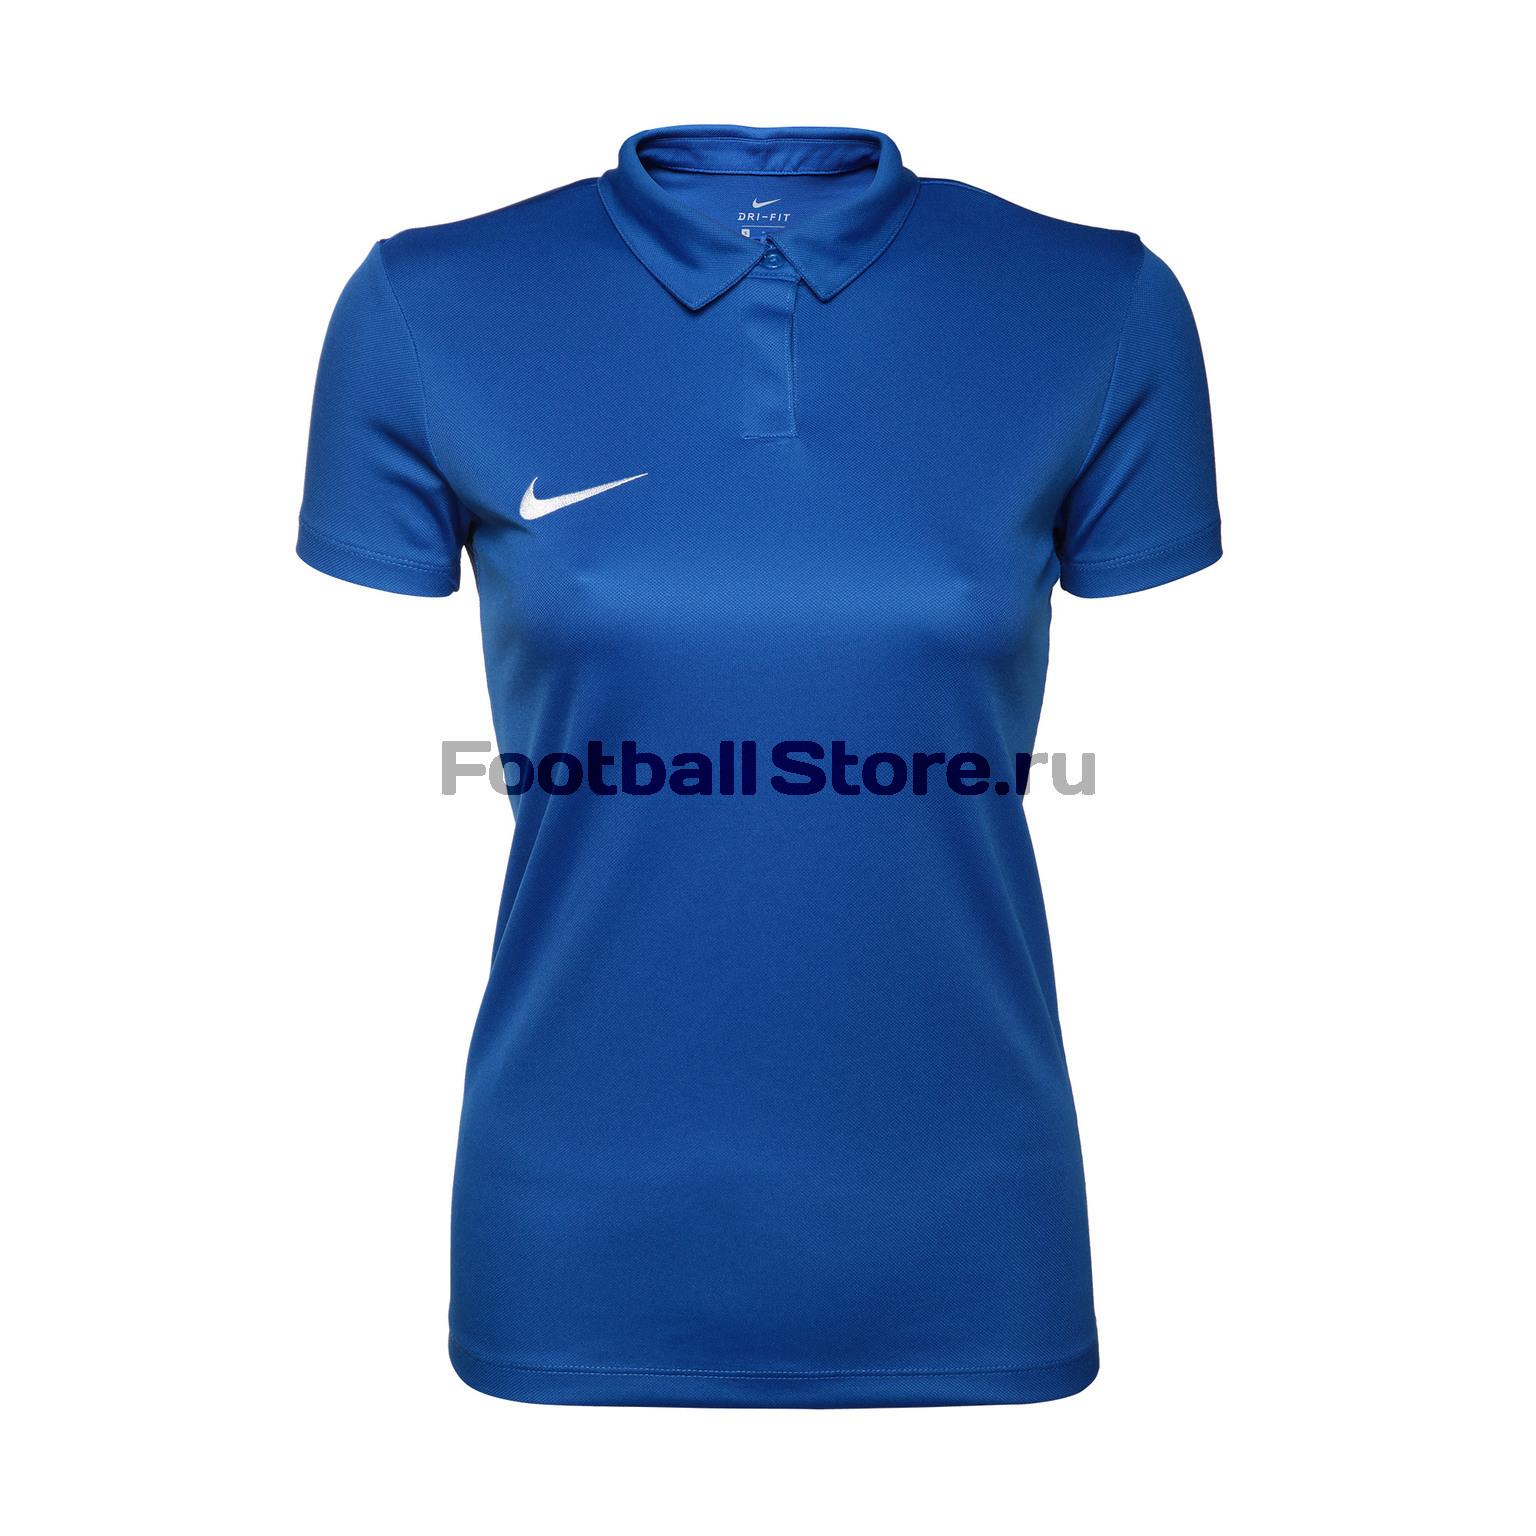 Поло женское Nike Dry Academy18 899986-463